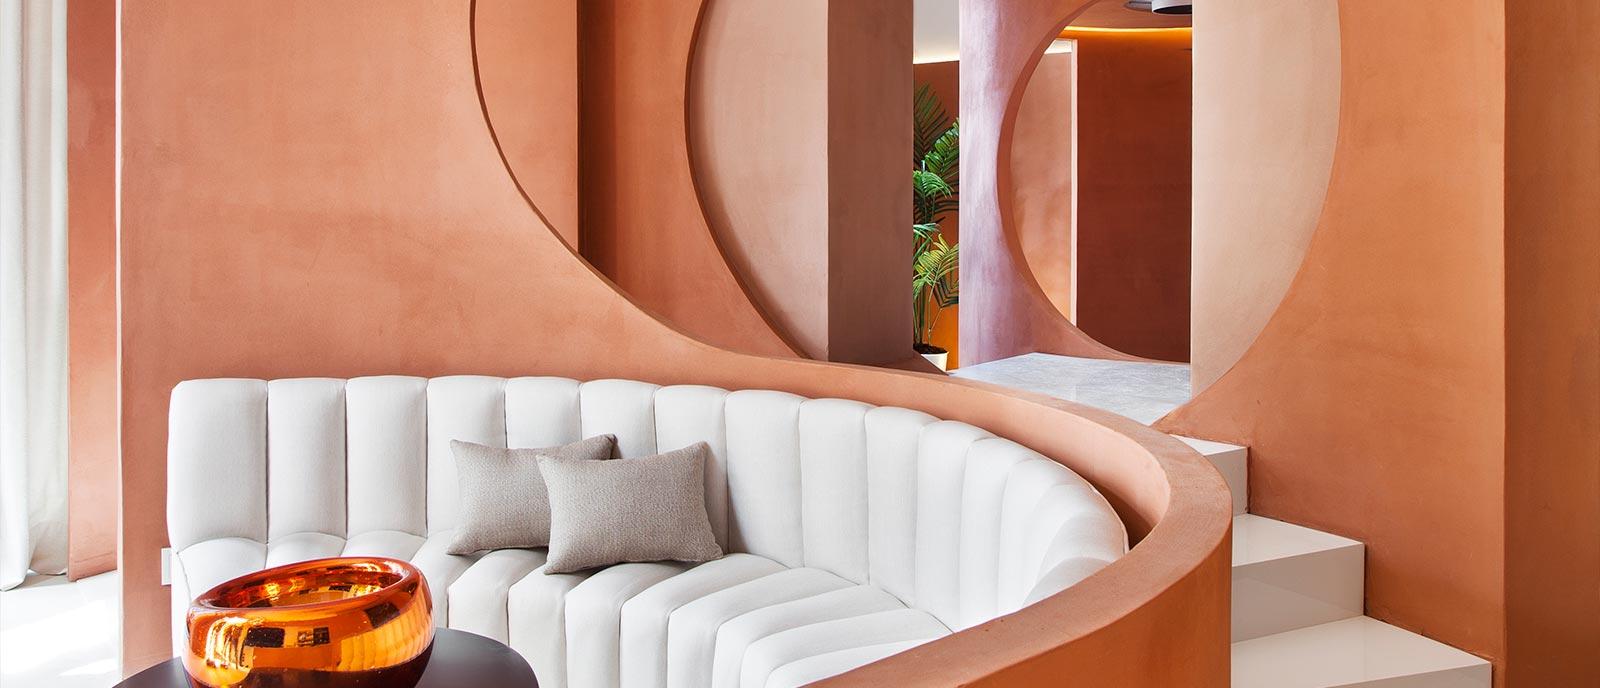 Casa Decor 2021: Espacios elegantes de Diseñadores de Interiores lujuosos casa decor 2021 Casa Decor 2021: Espacios elegantes de Diseñadores de Interiores lujuosos 12